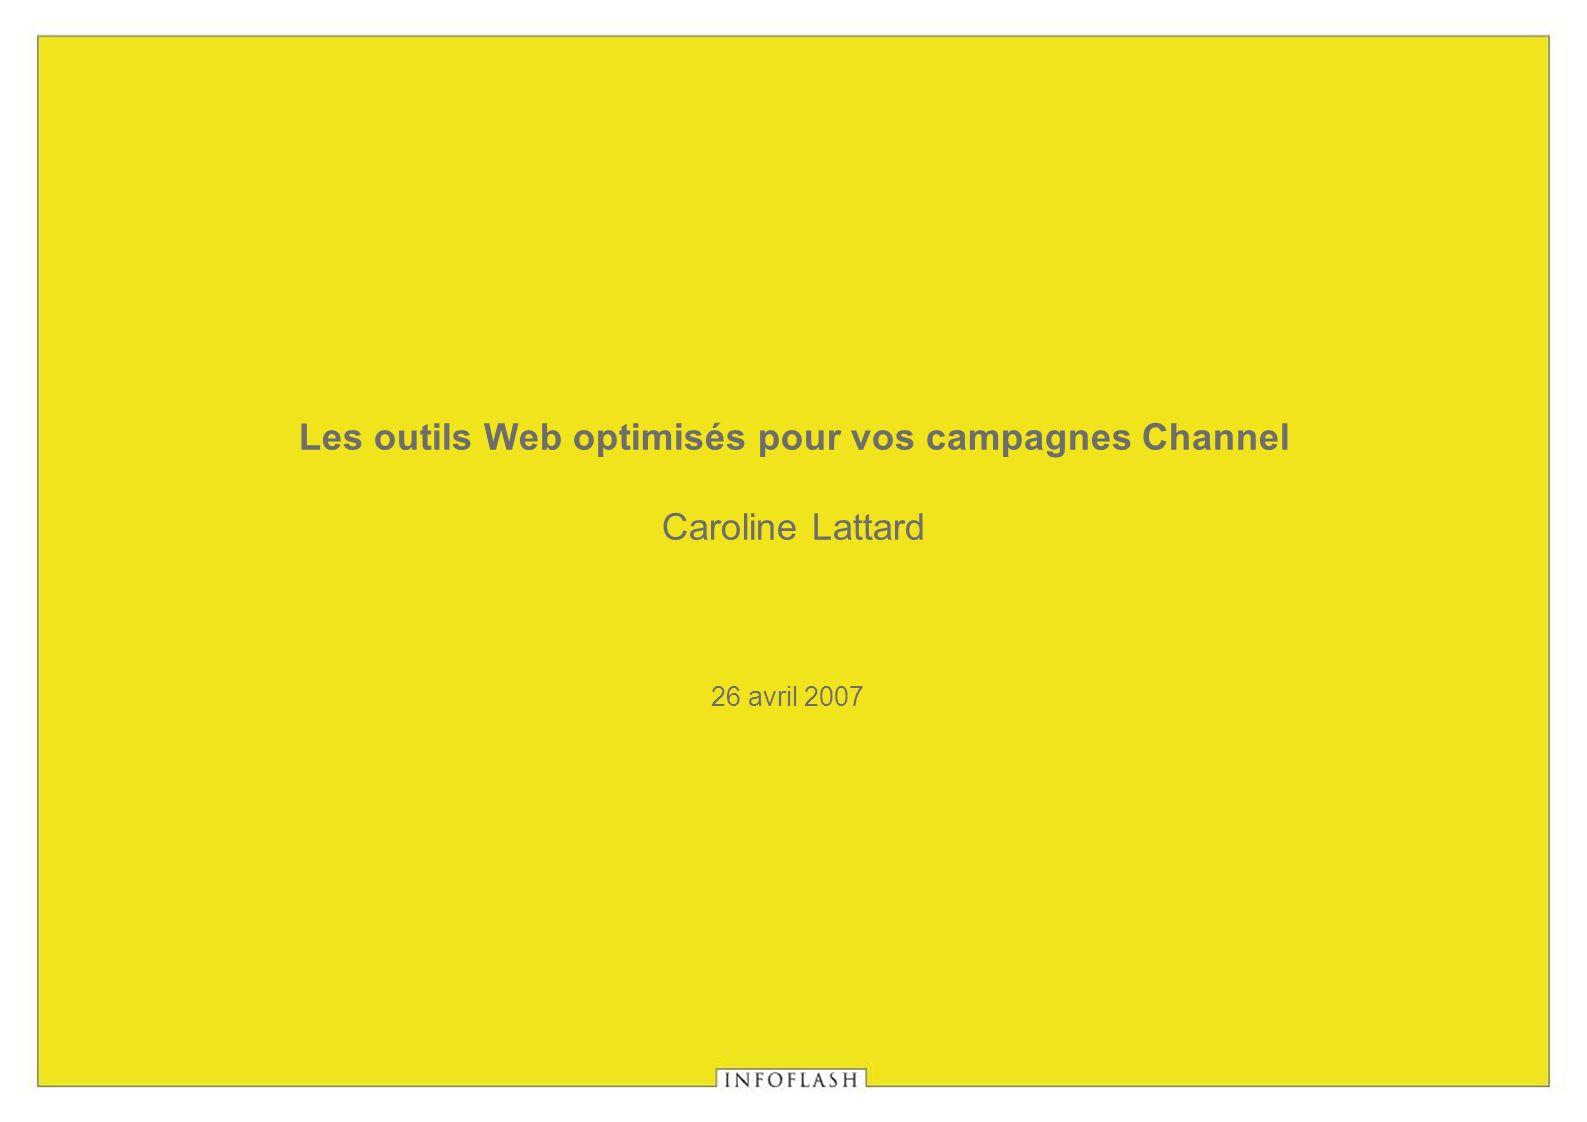 26 avril 2007 Les outils Web optimisés pour vos campagnes Channel Caroline Lattard